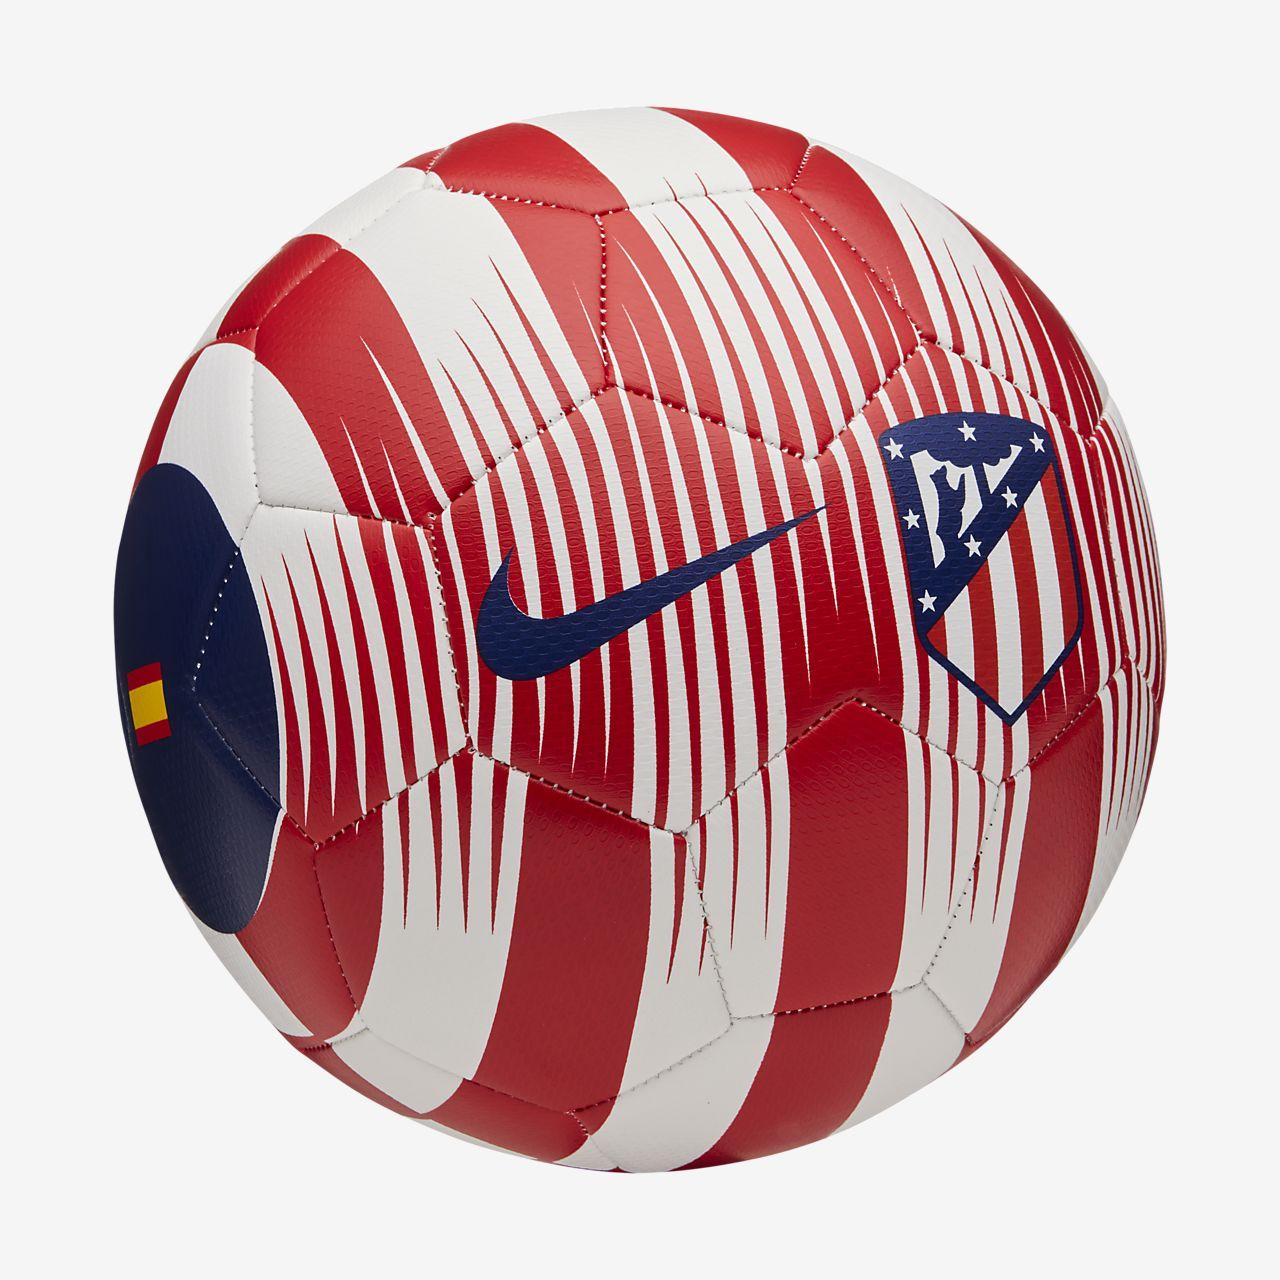 ea91955f4d Bola de futebol Atletico de Madrid Prestige. Nike.com PT